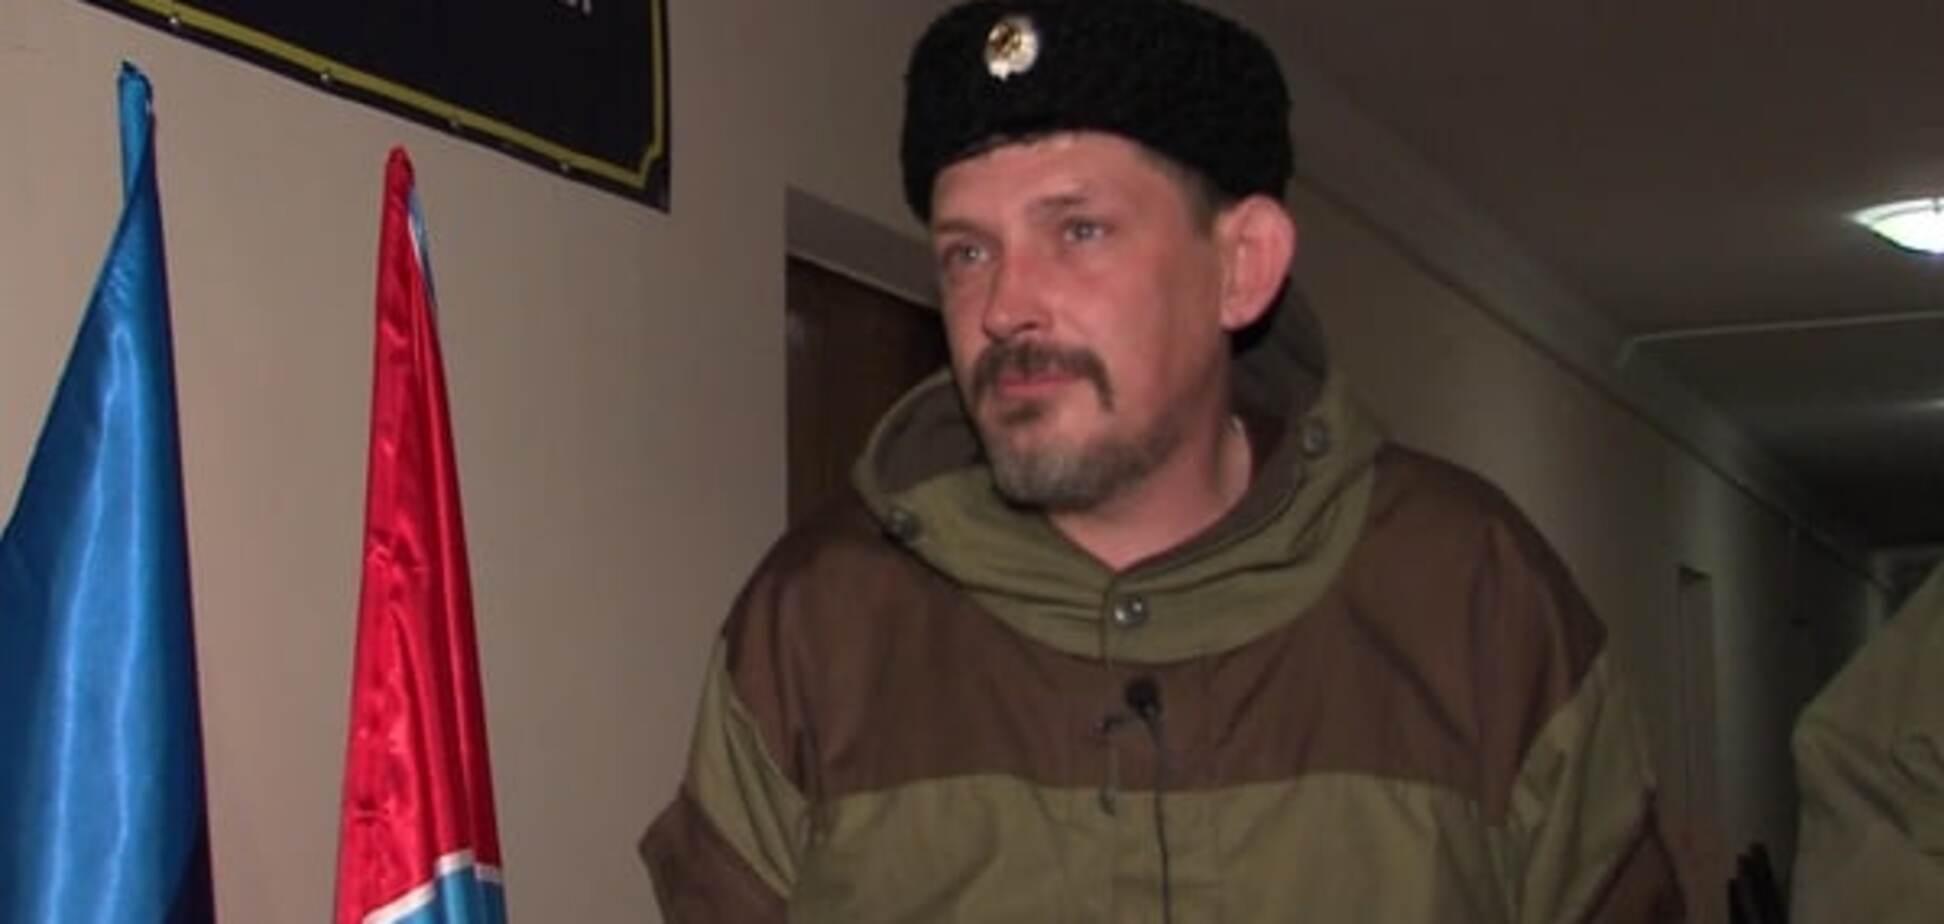 Украина не виновата: в 'ЛНР' назвали убийцу Дремова